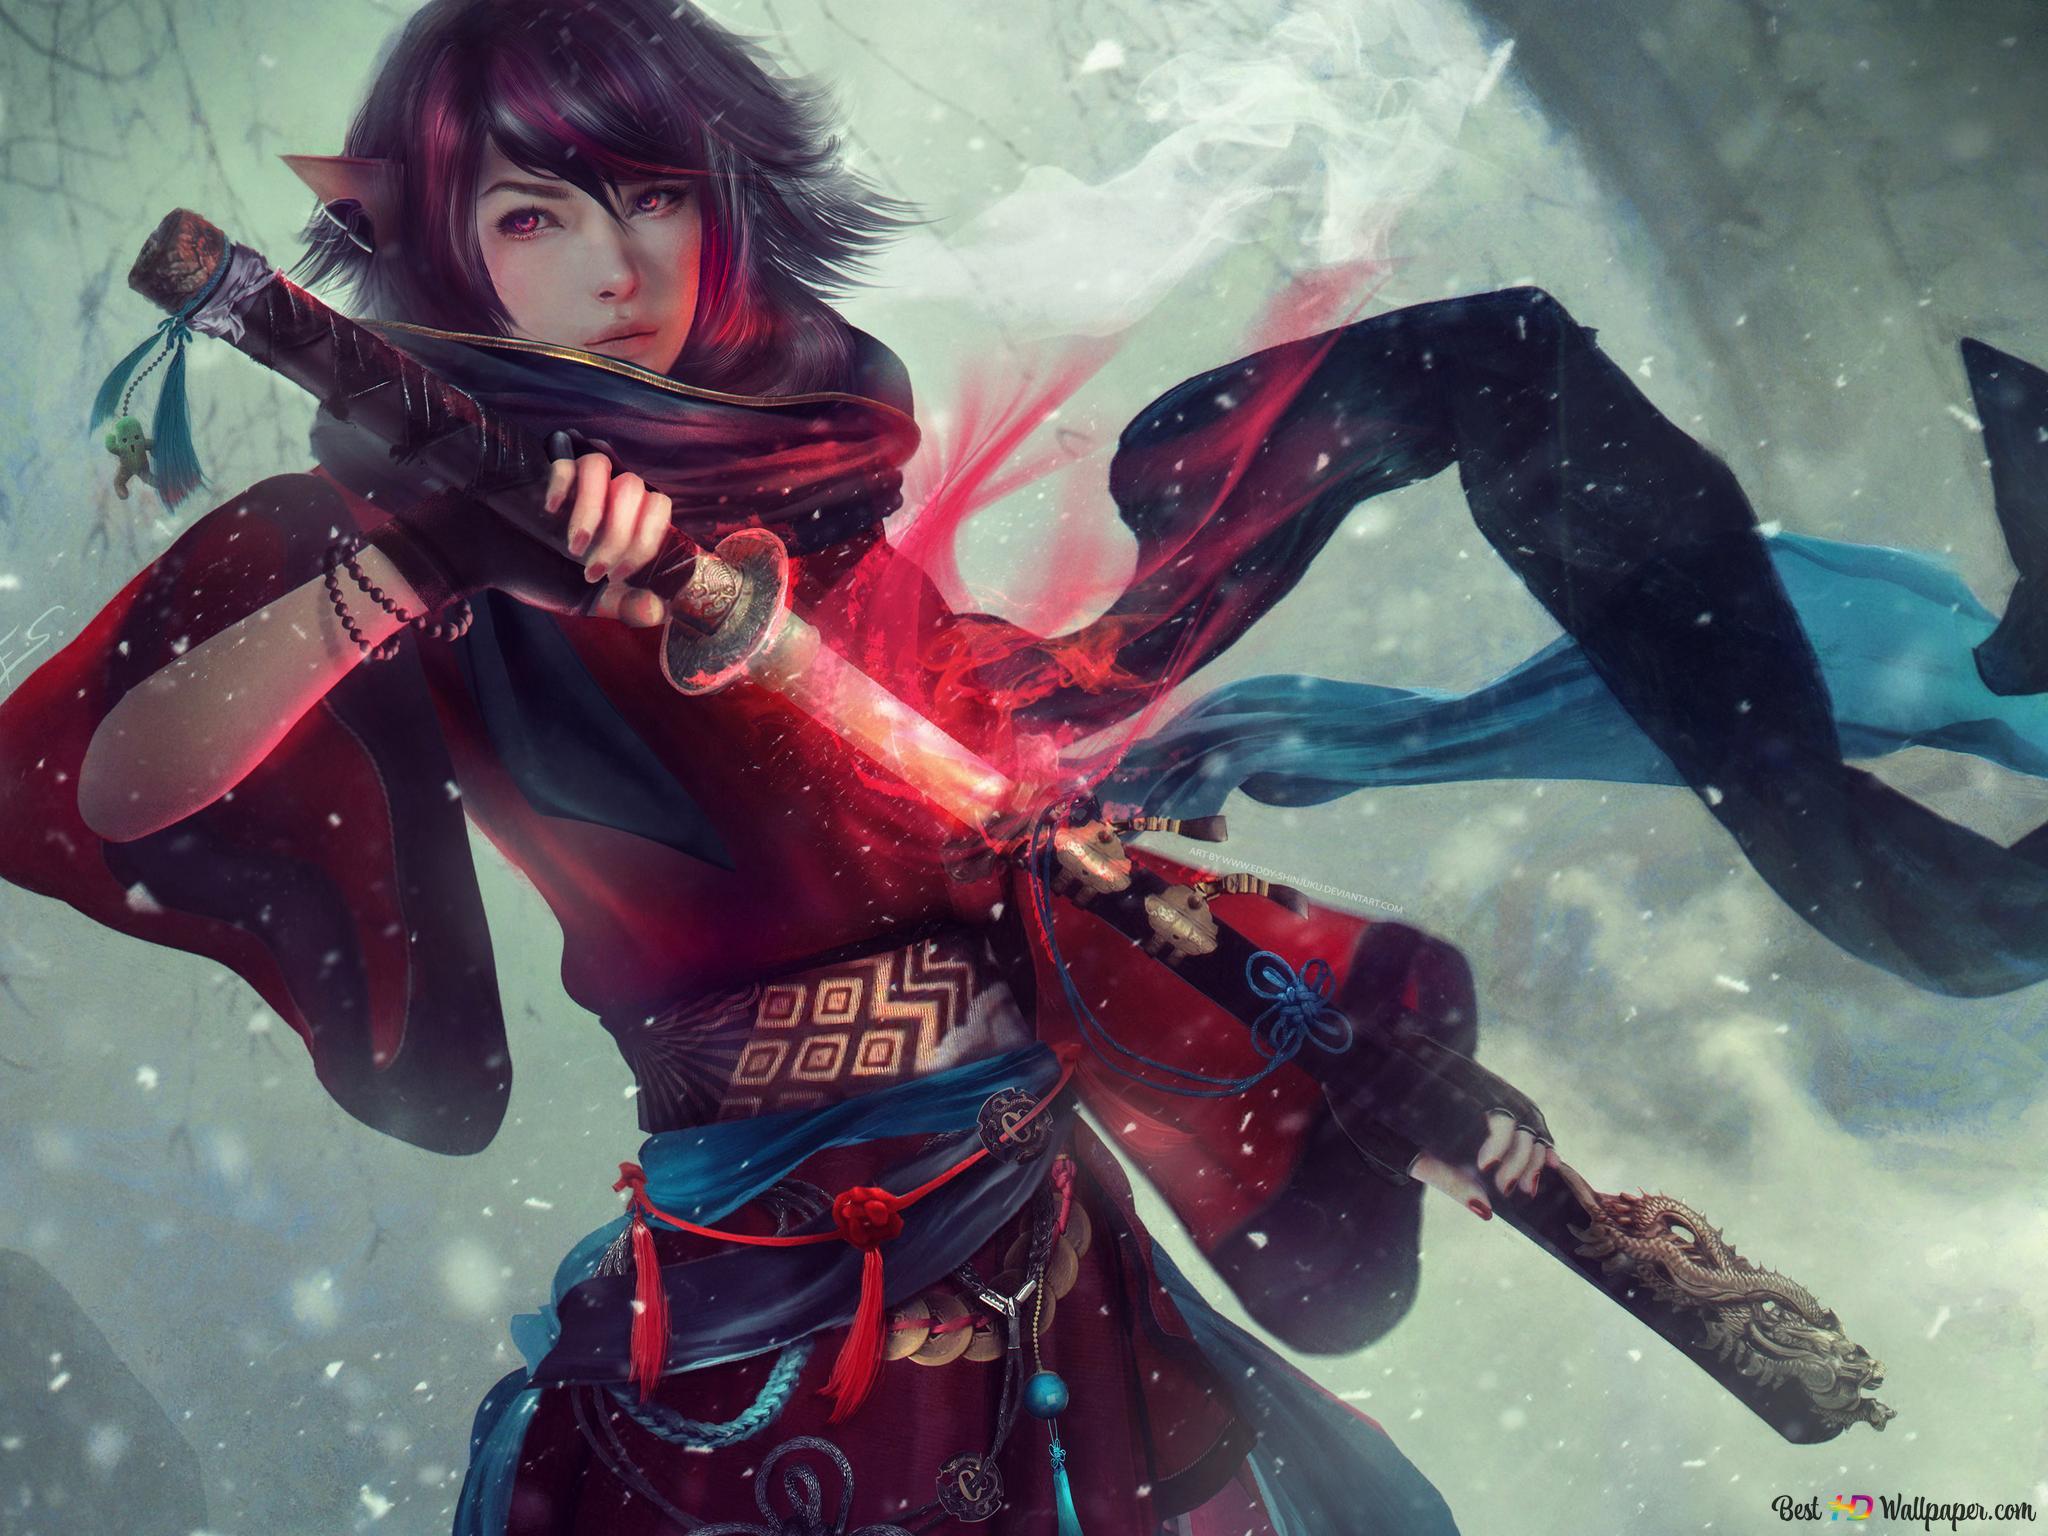 final fantasy original character oc wallpaper 2048x1536 22266 26